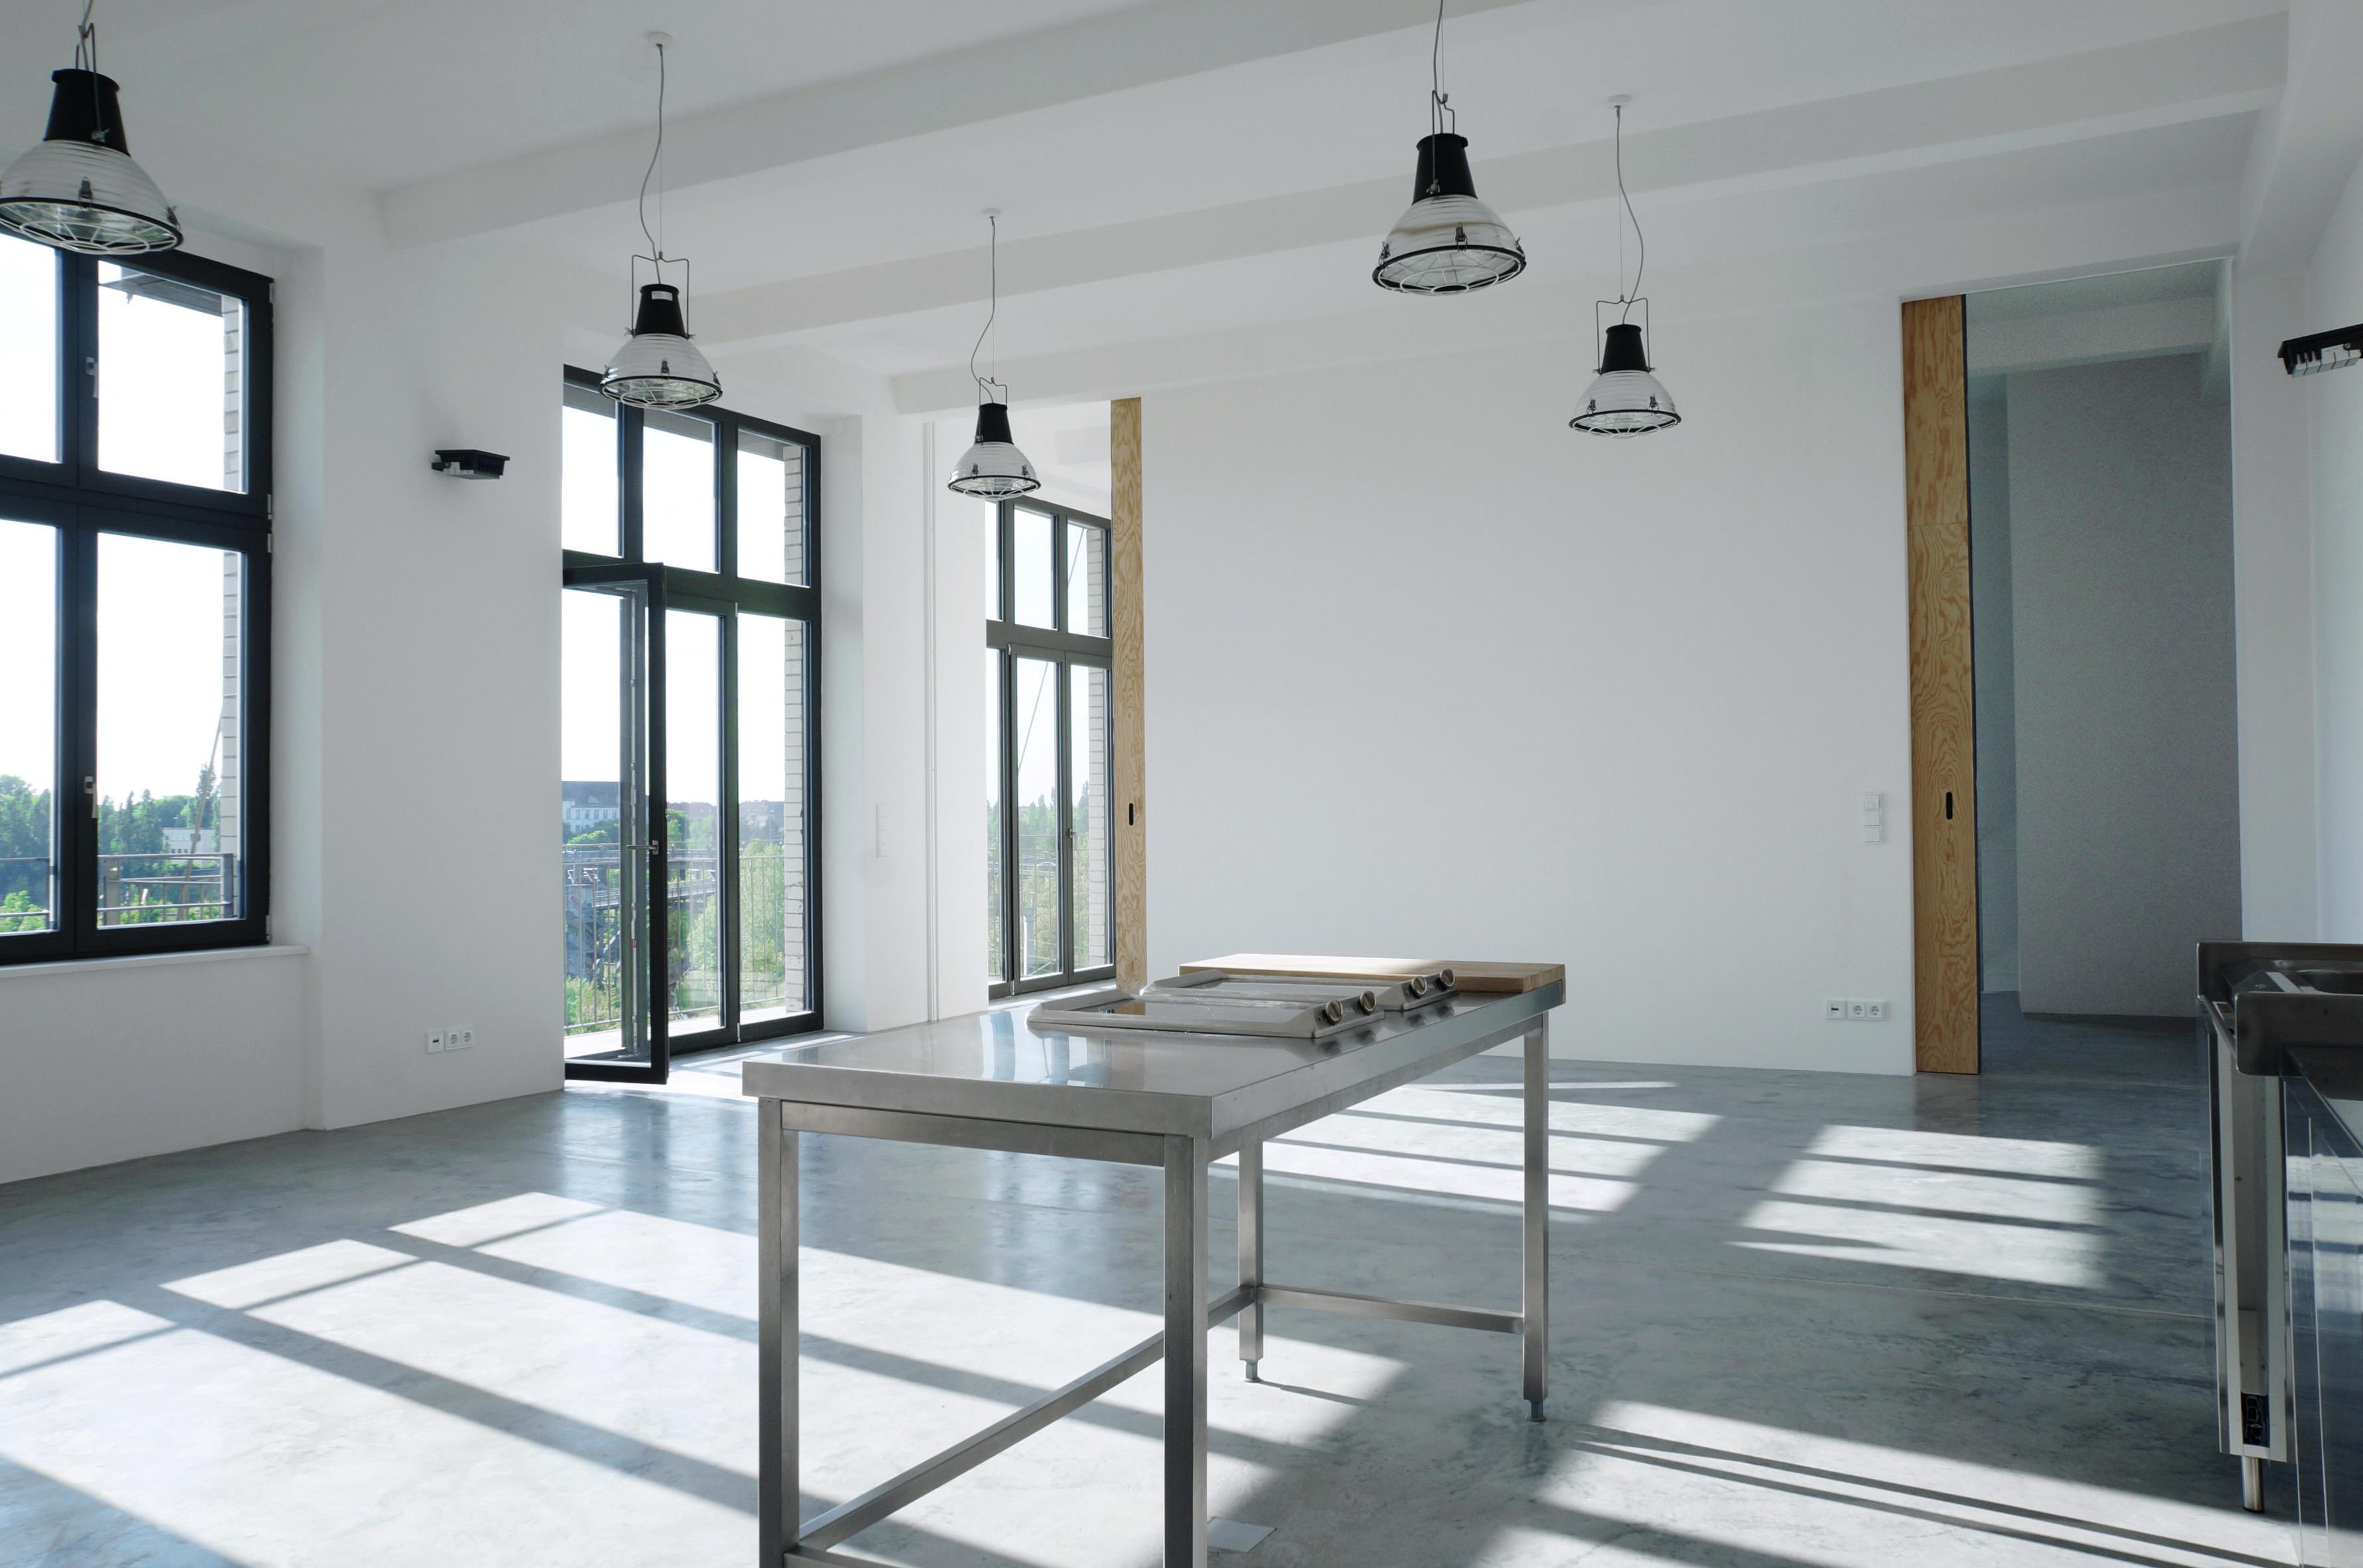 raumhohe schiebet ren in sonderanfertigung. Black Bedroom Furniture Sets. Home Design Ideas